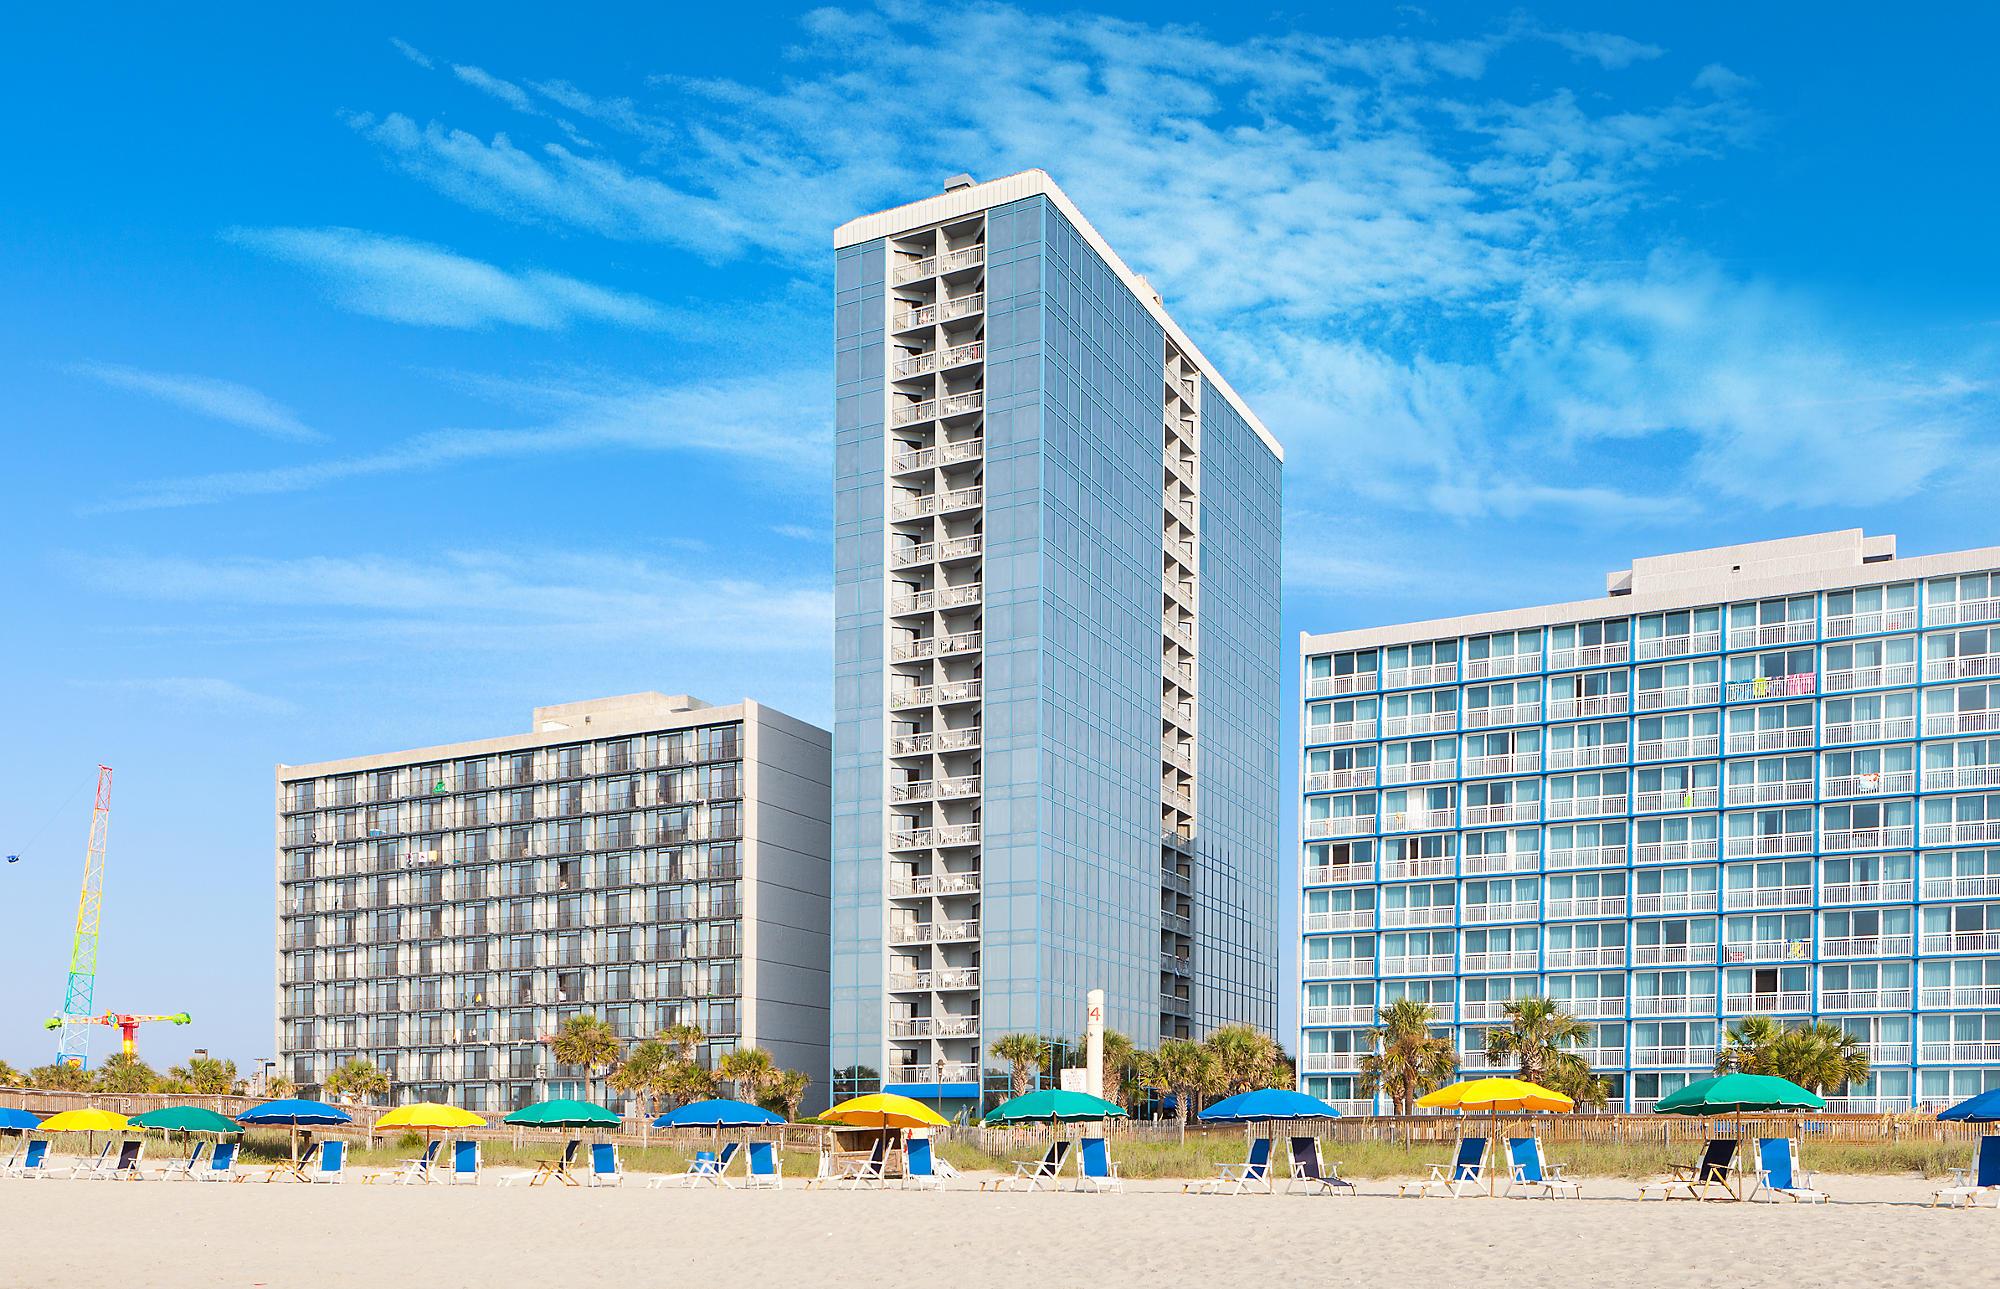 Seaglass Tower Resort Myrtle Beach Sc Bluegreen